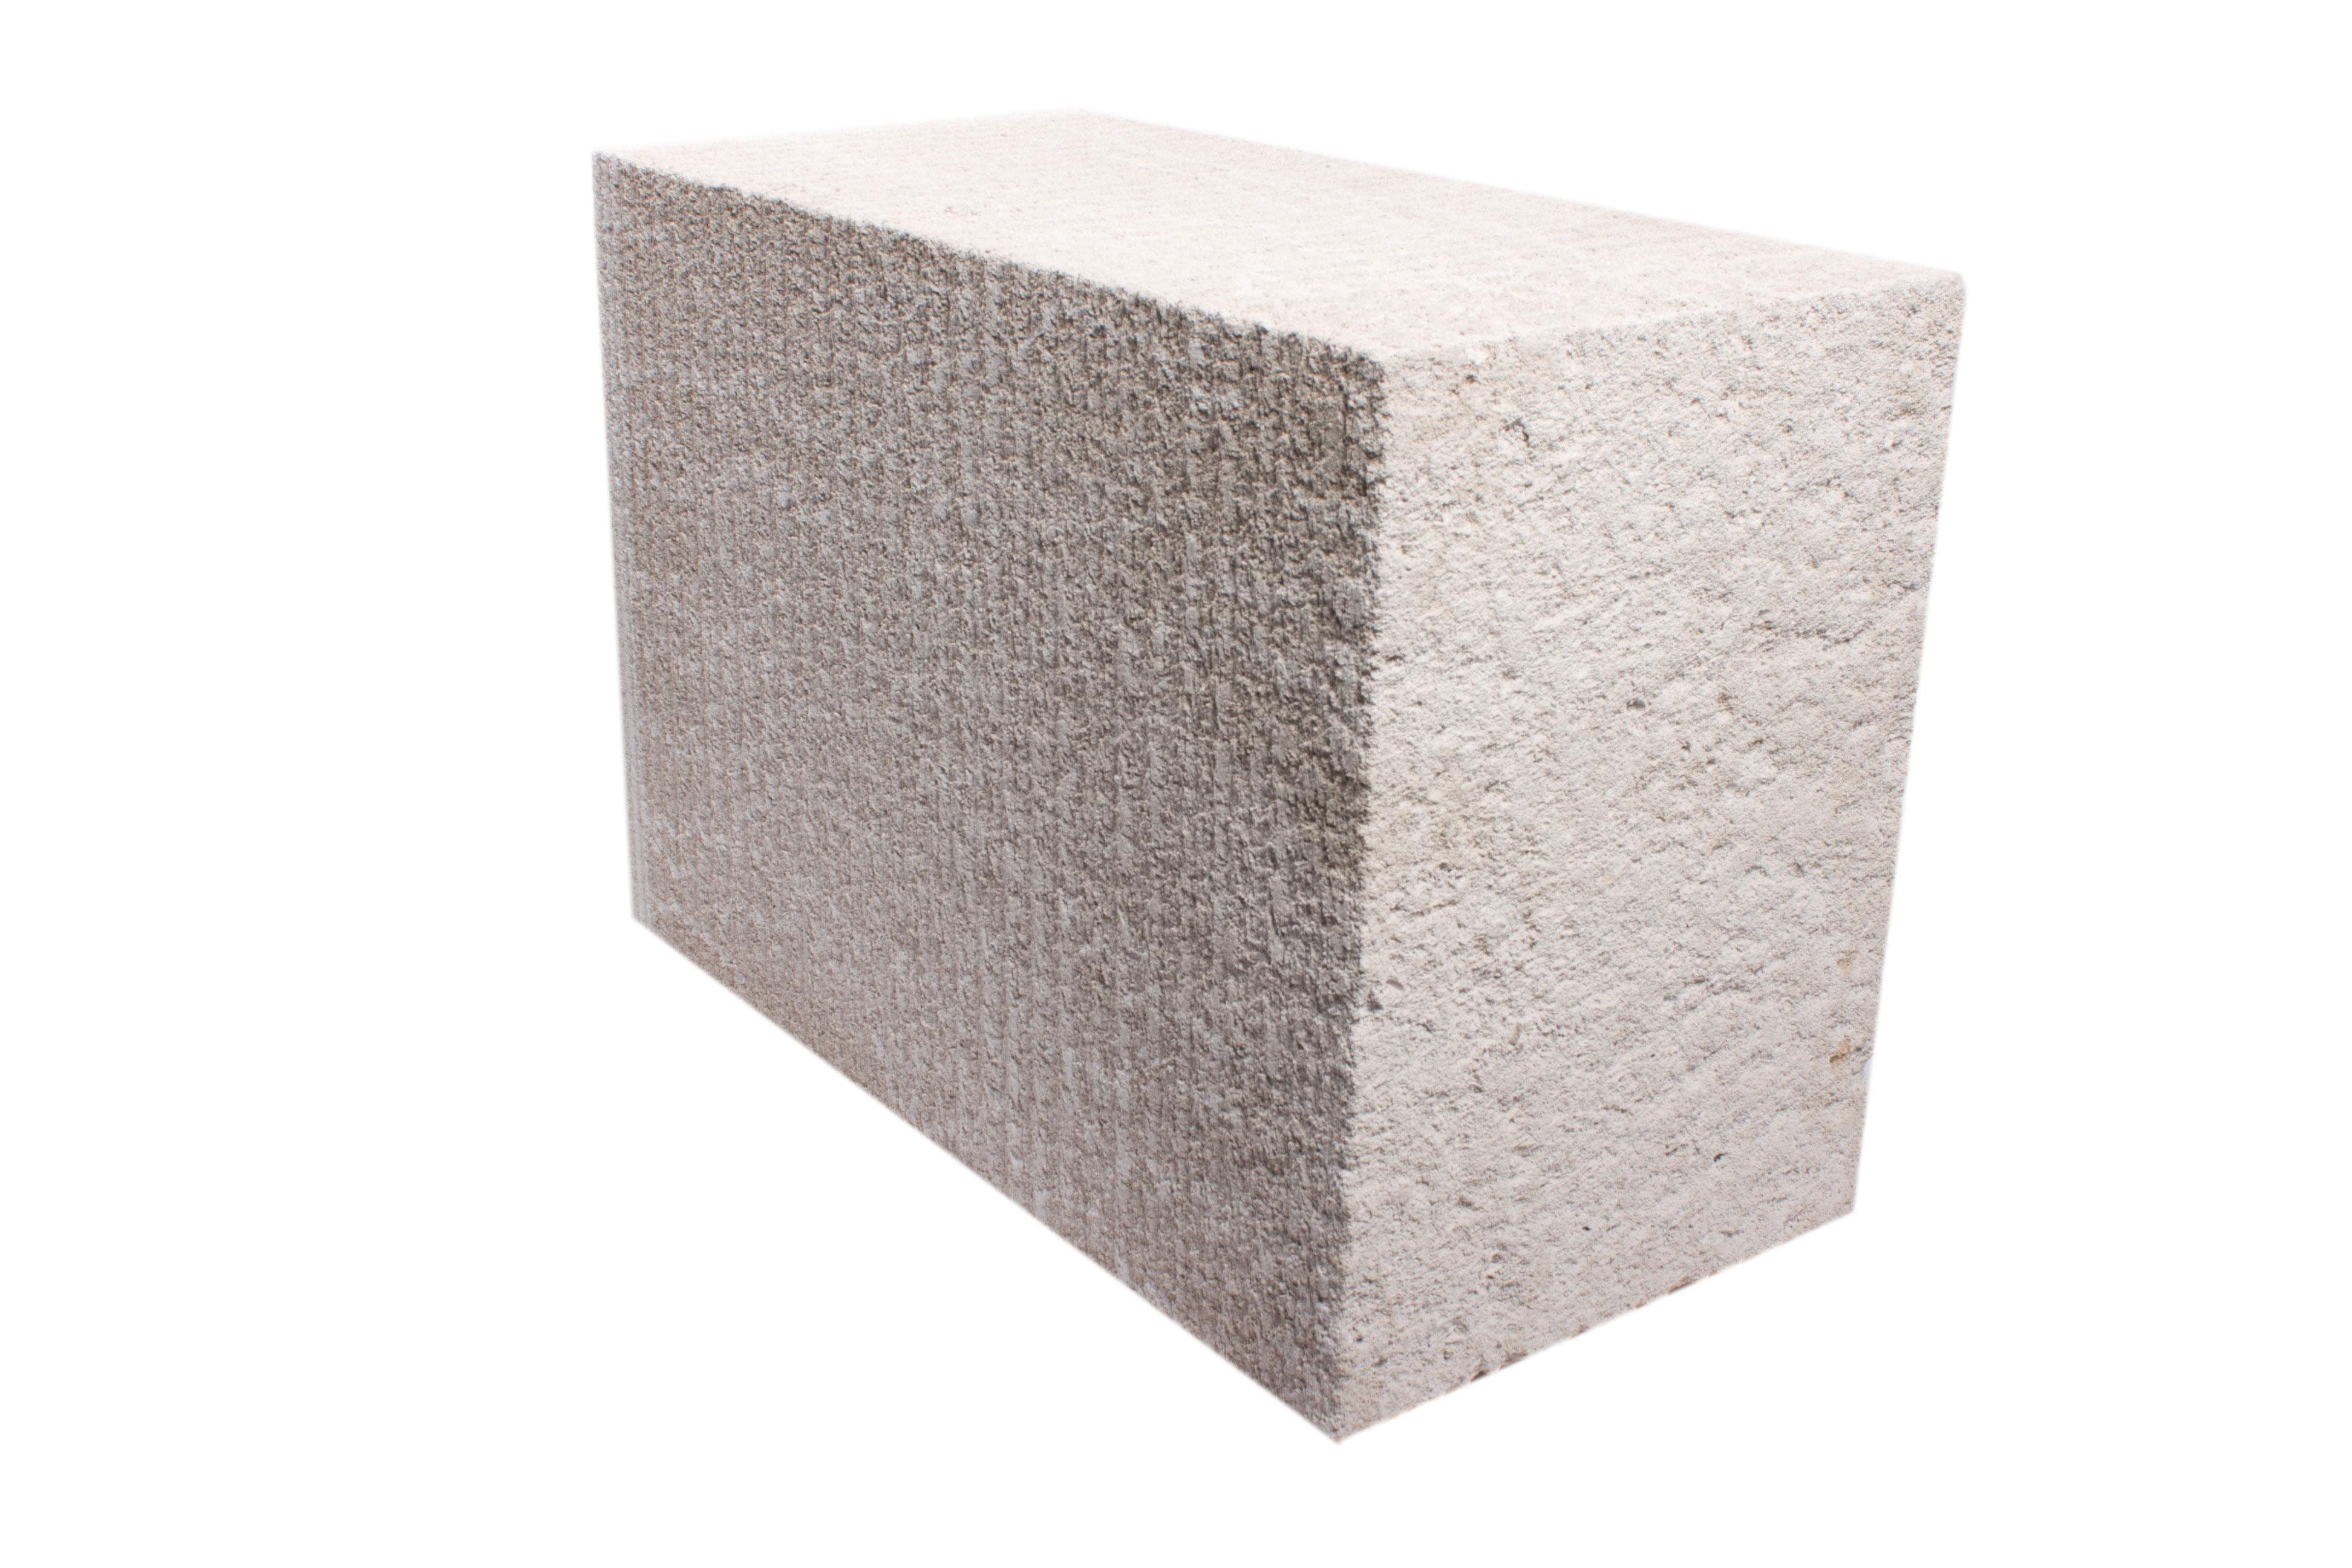 Блок из ячеистого бетона автоклавного твердения, 2 категории (для кладки на раствор) производства ОАО Могилевский КСИ РБ